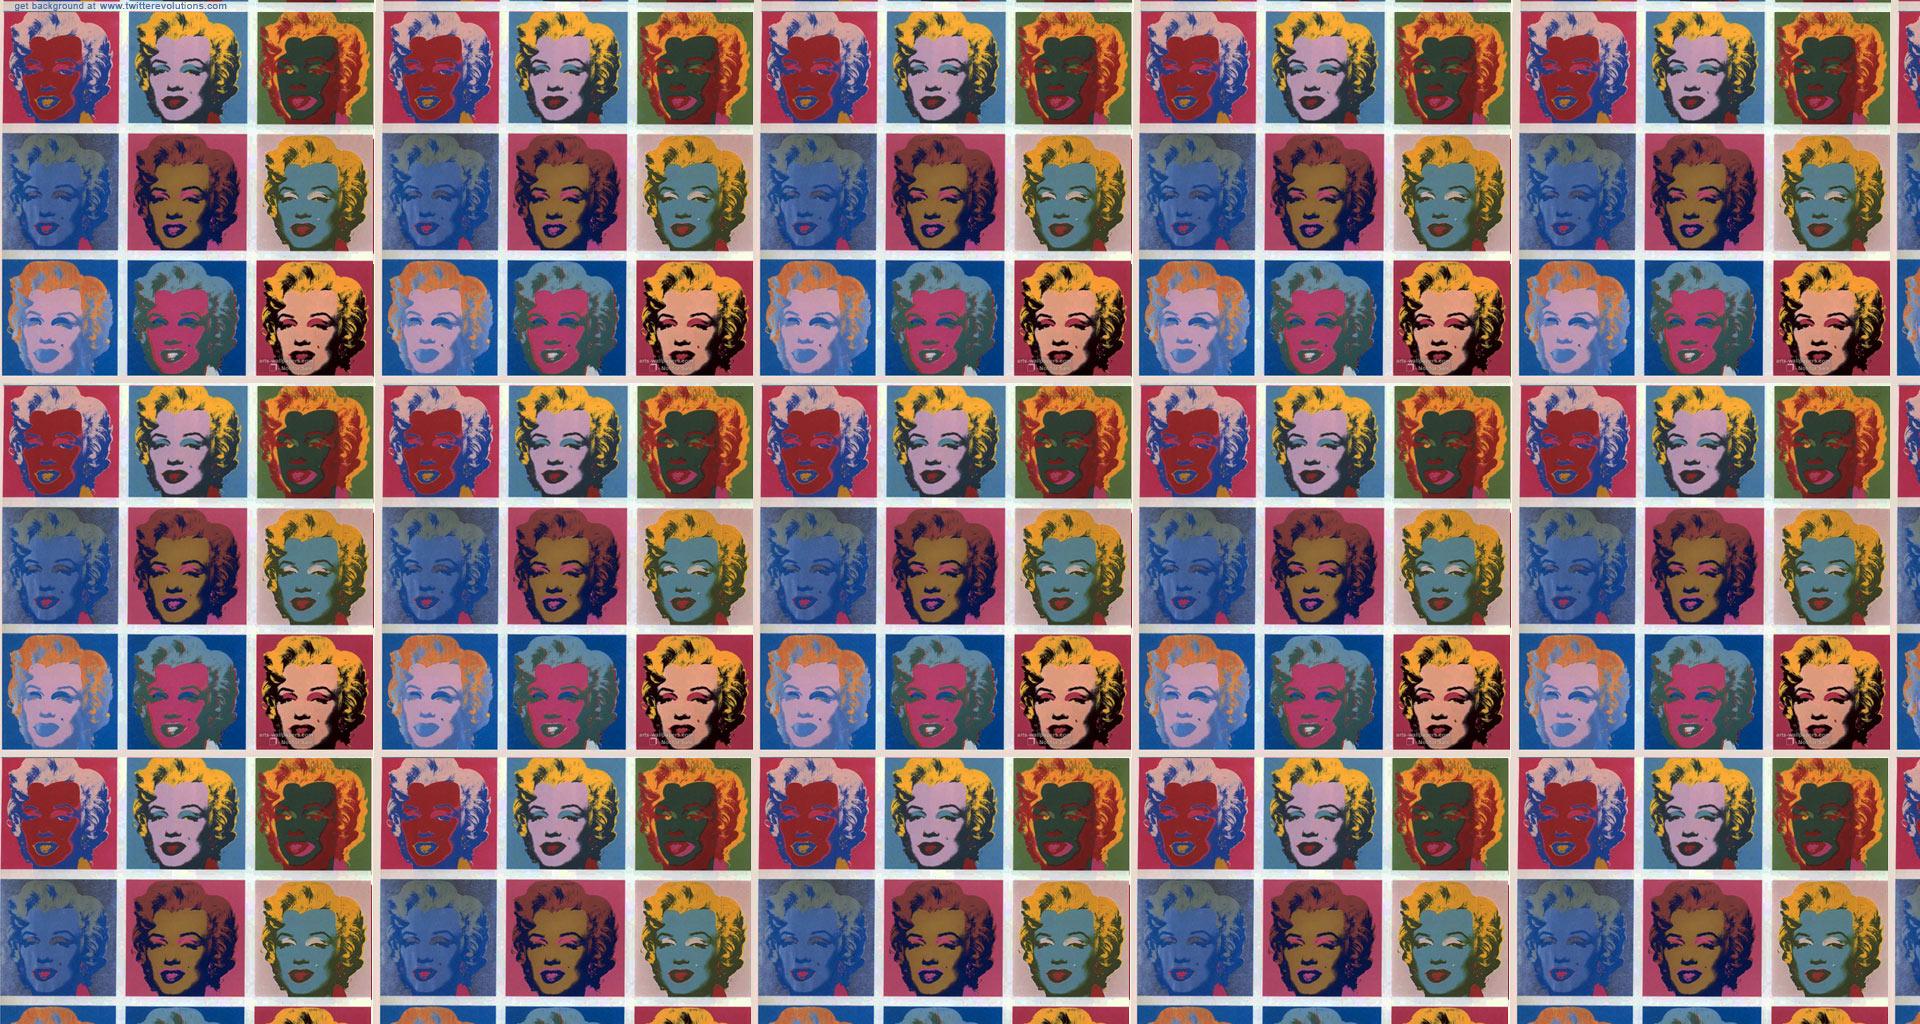 Andy Warhol Pop Art Wallpaper Art Wallpaper 1920x1024